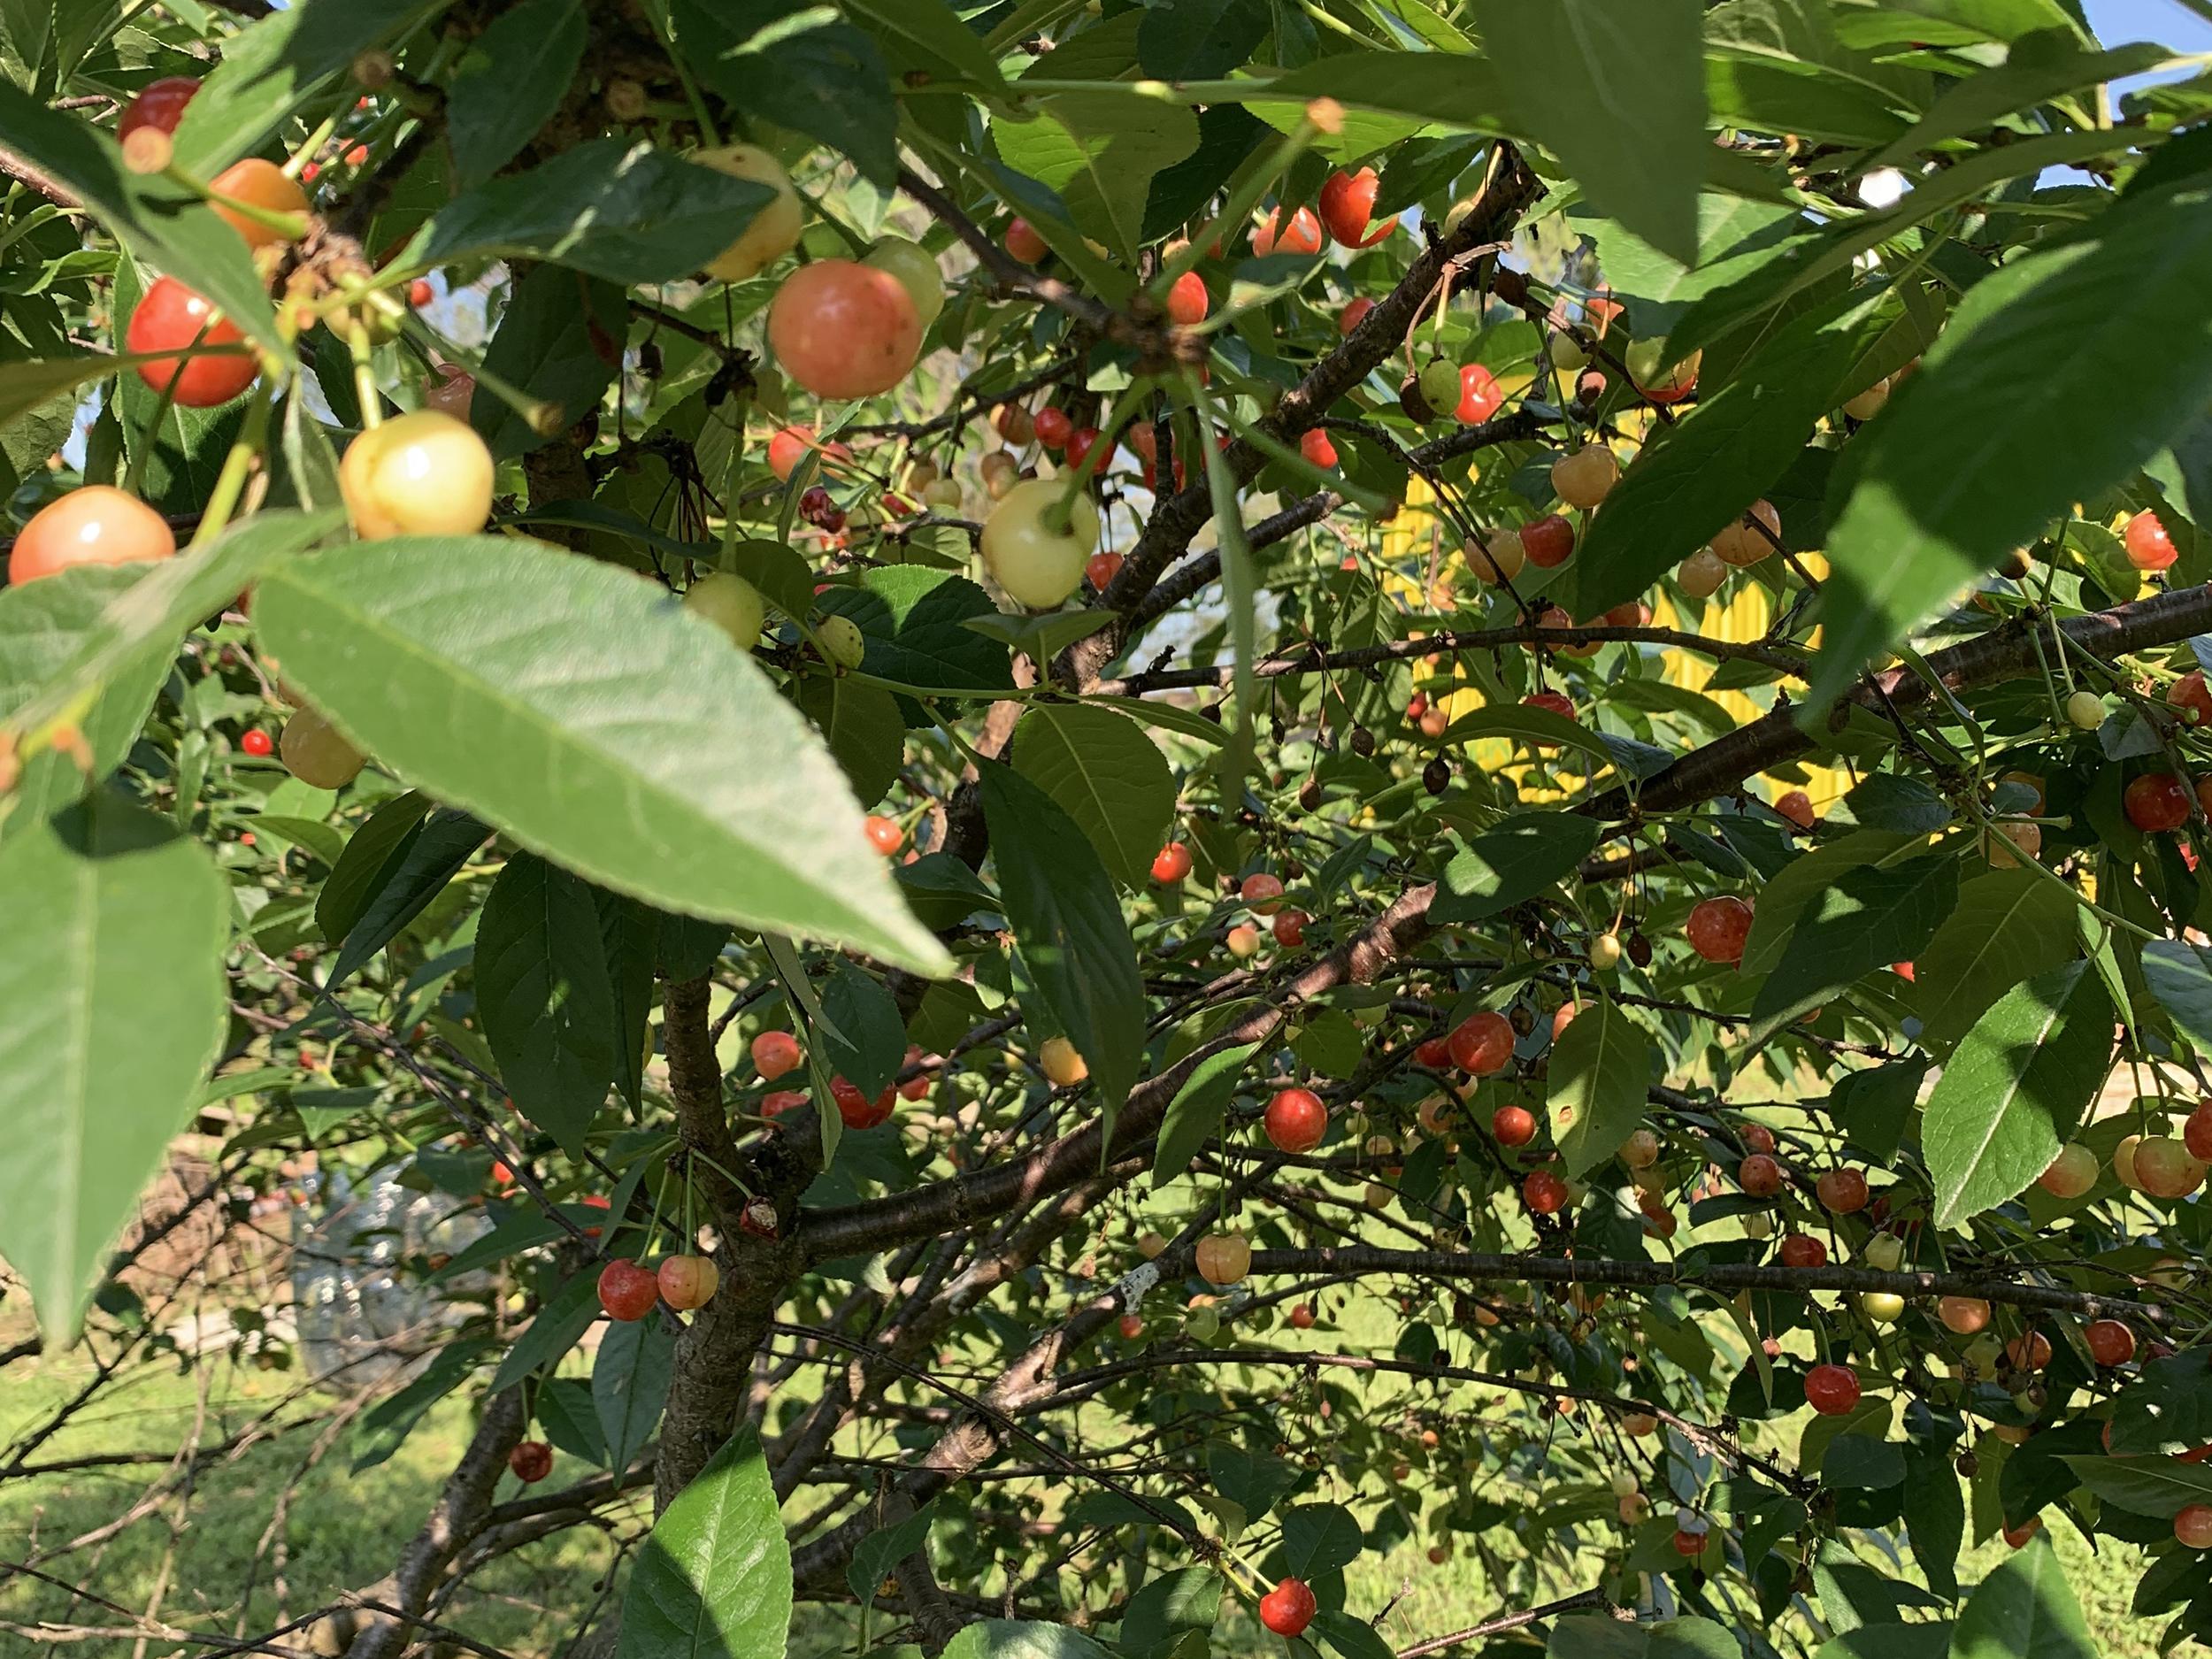 Matt-Wedel-Garden-Pictures2-1